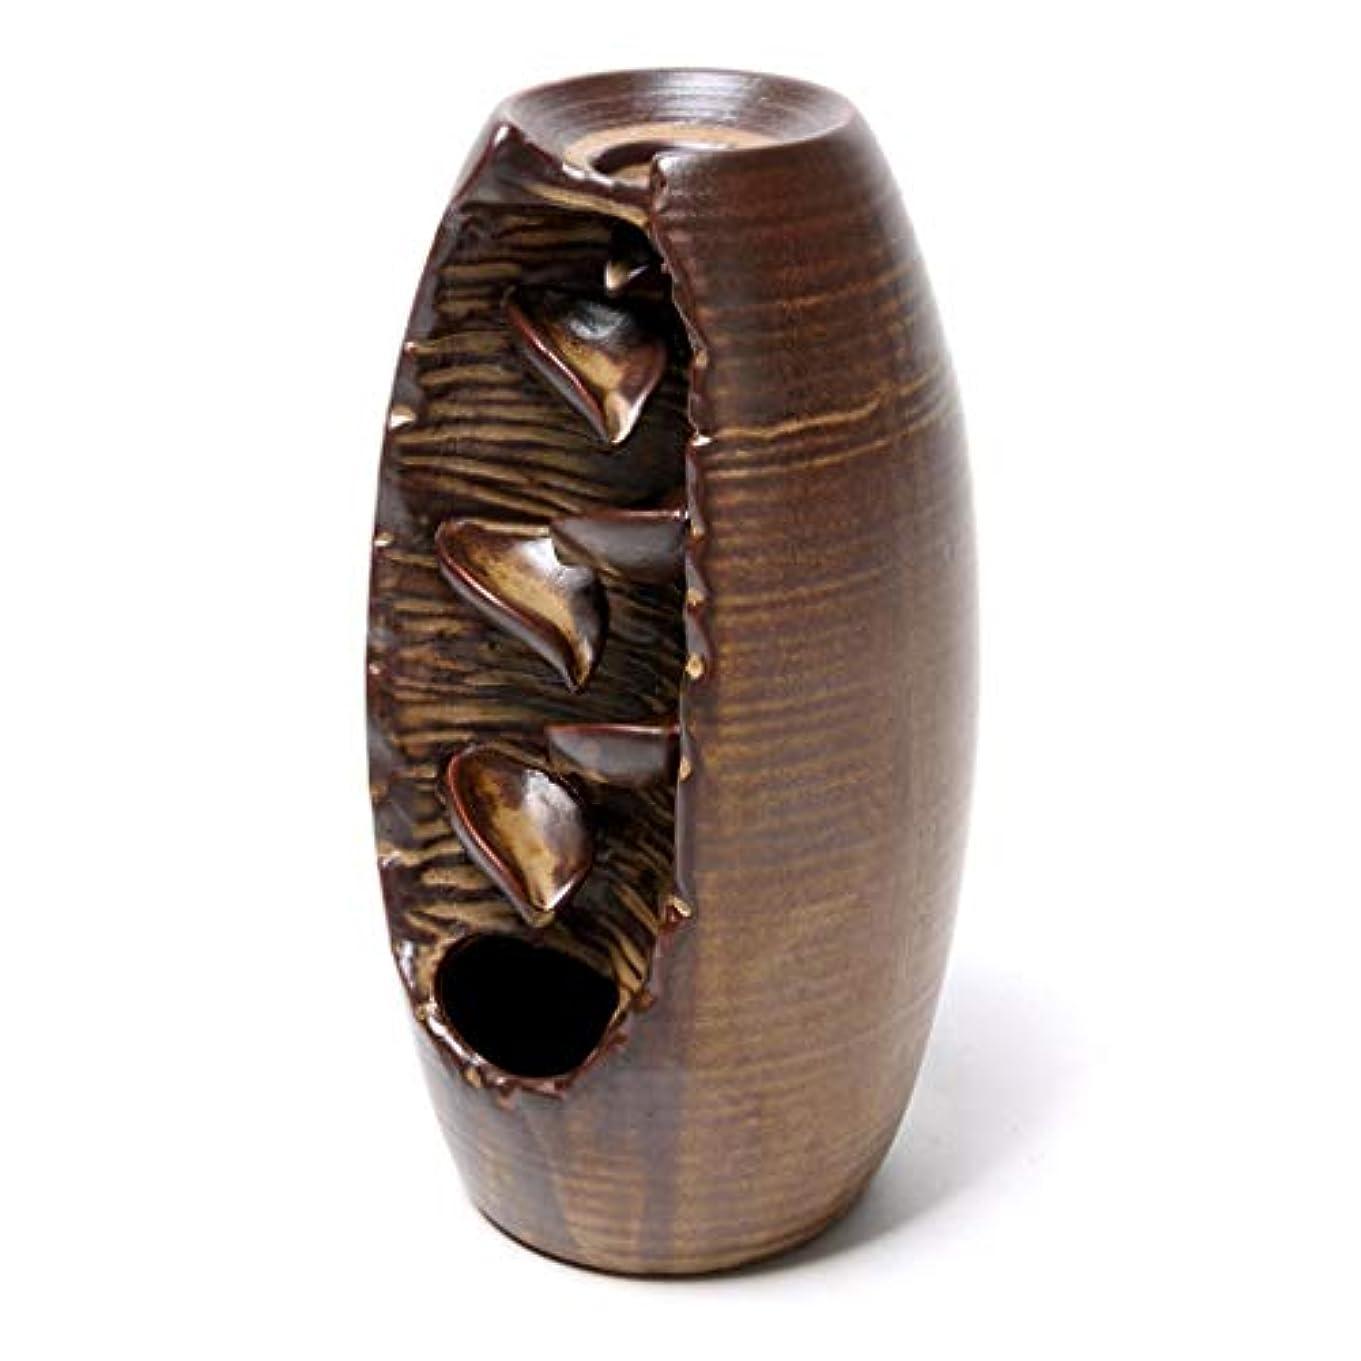 ささやきアクロバット周辺セラミック逆流香炉逆流香ホルダーホームセラミックオフィス香コーンホルダーバーナーアロマセラピー炉 (Color : Brown, サイズ : 3.54*8.07 inches)